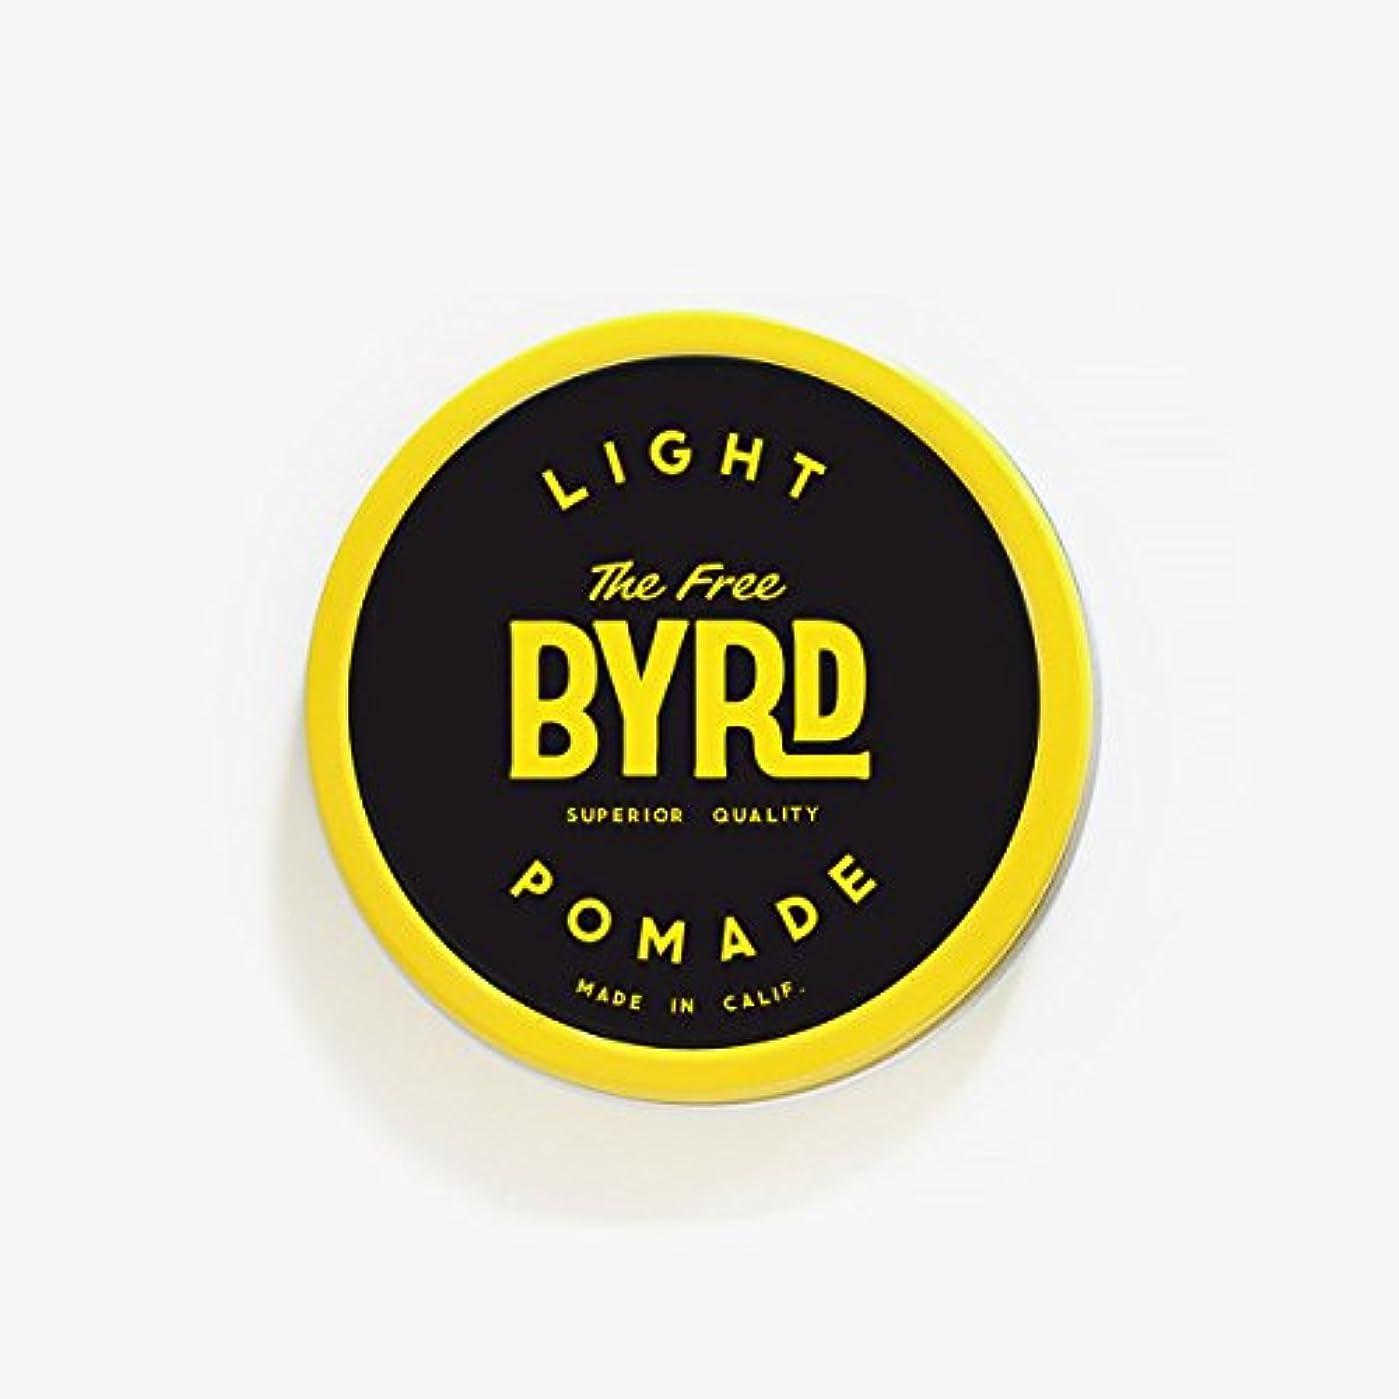 トーン船酔い川バード(BYRD) カリフォルニア発ポマード288 LIGHT POMADE SMALL(スモールサイズ)ライトスタイルヘアワックスヘアスタイリング剤耐水性香料メンズ/レディース 【LIGHT】SMALL